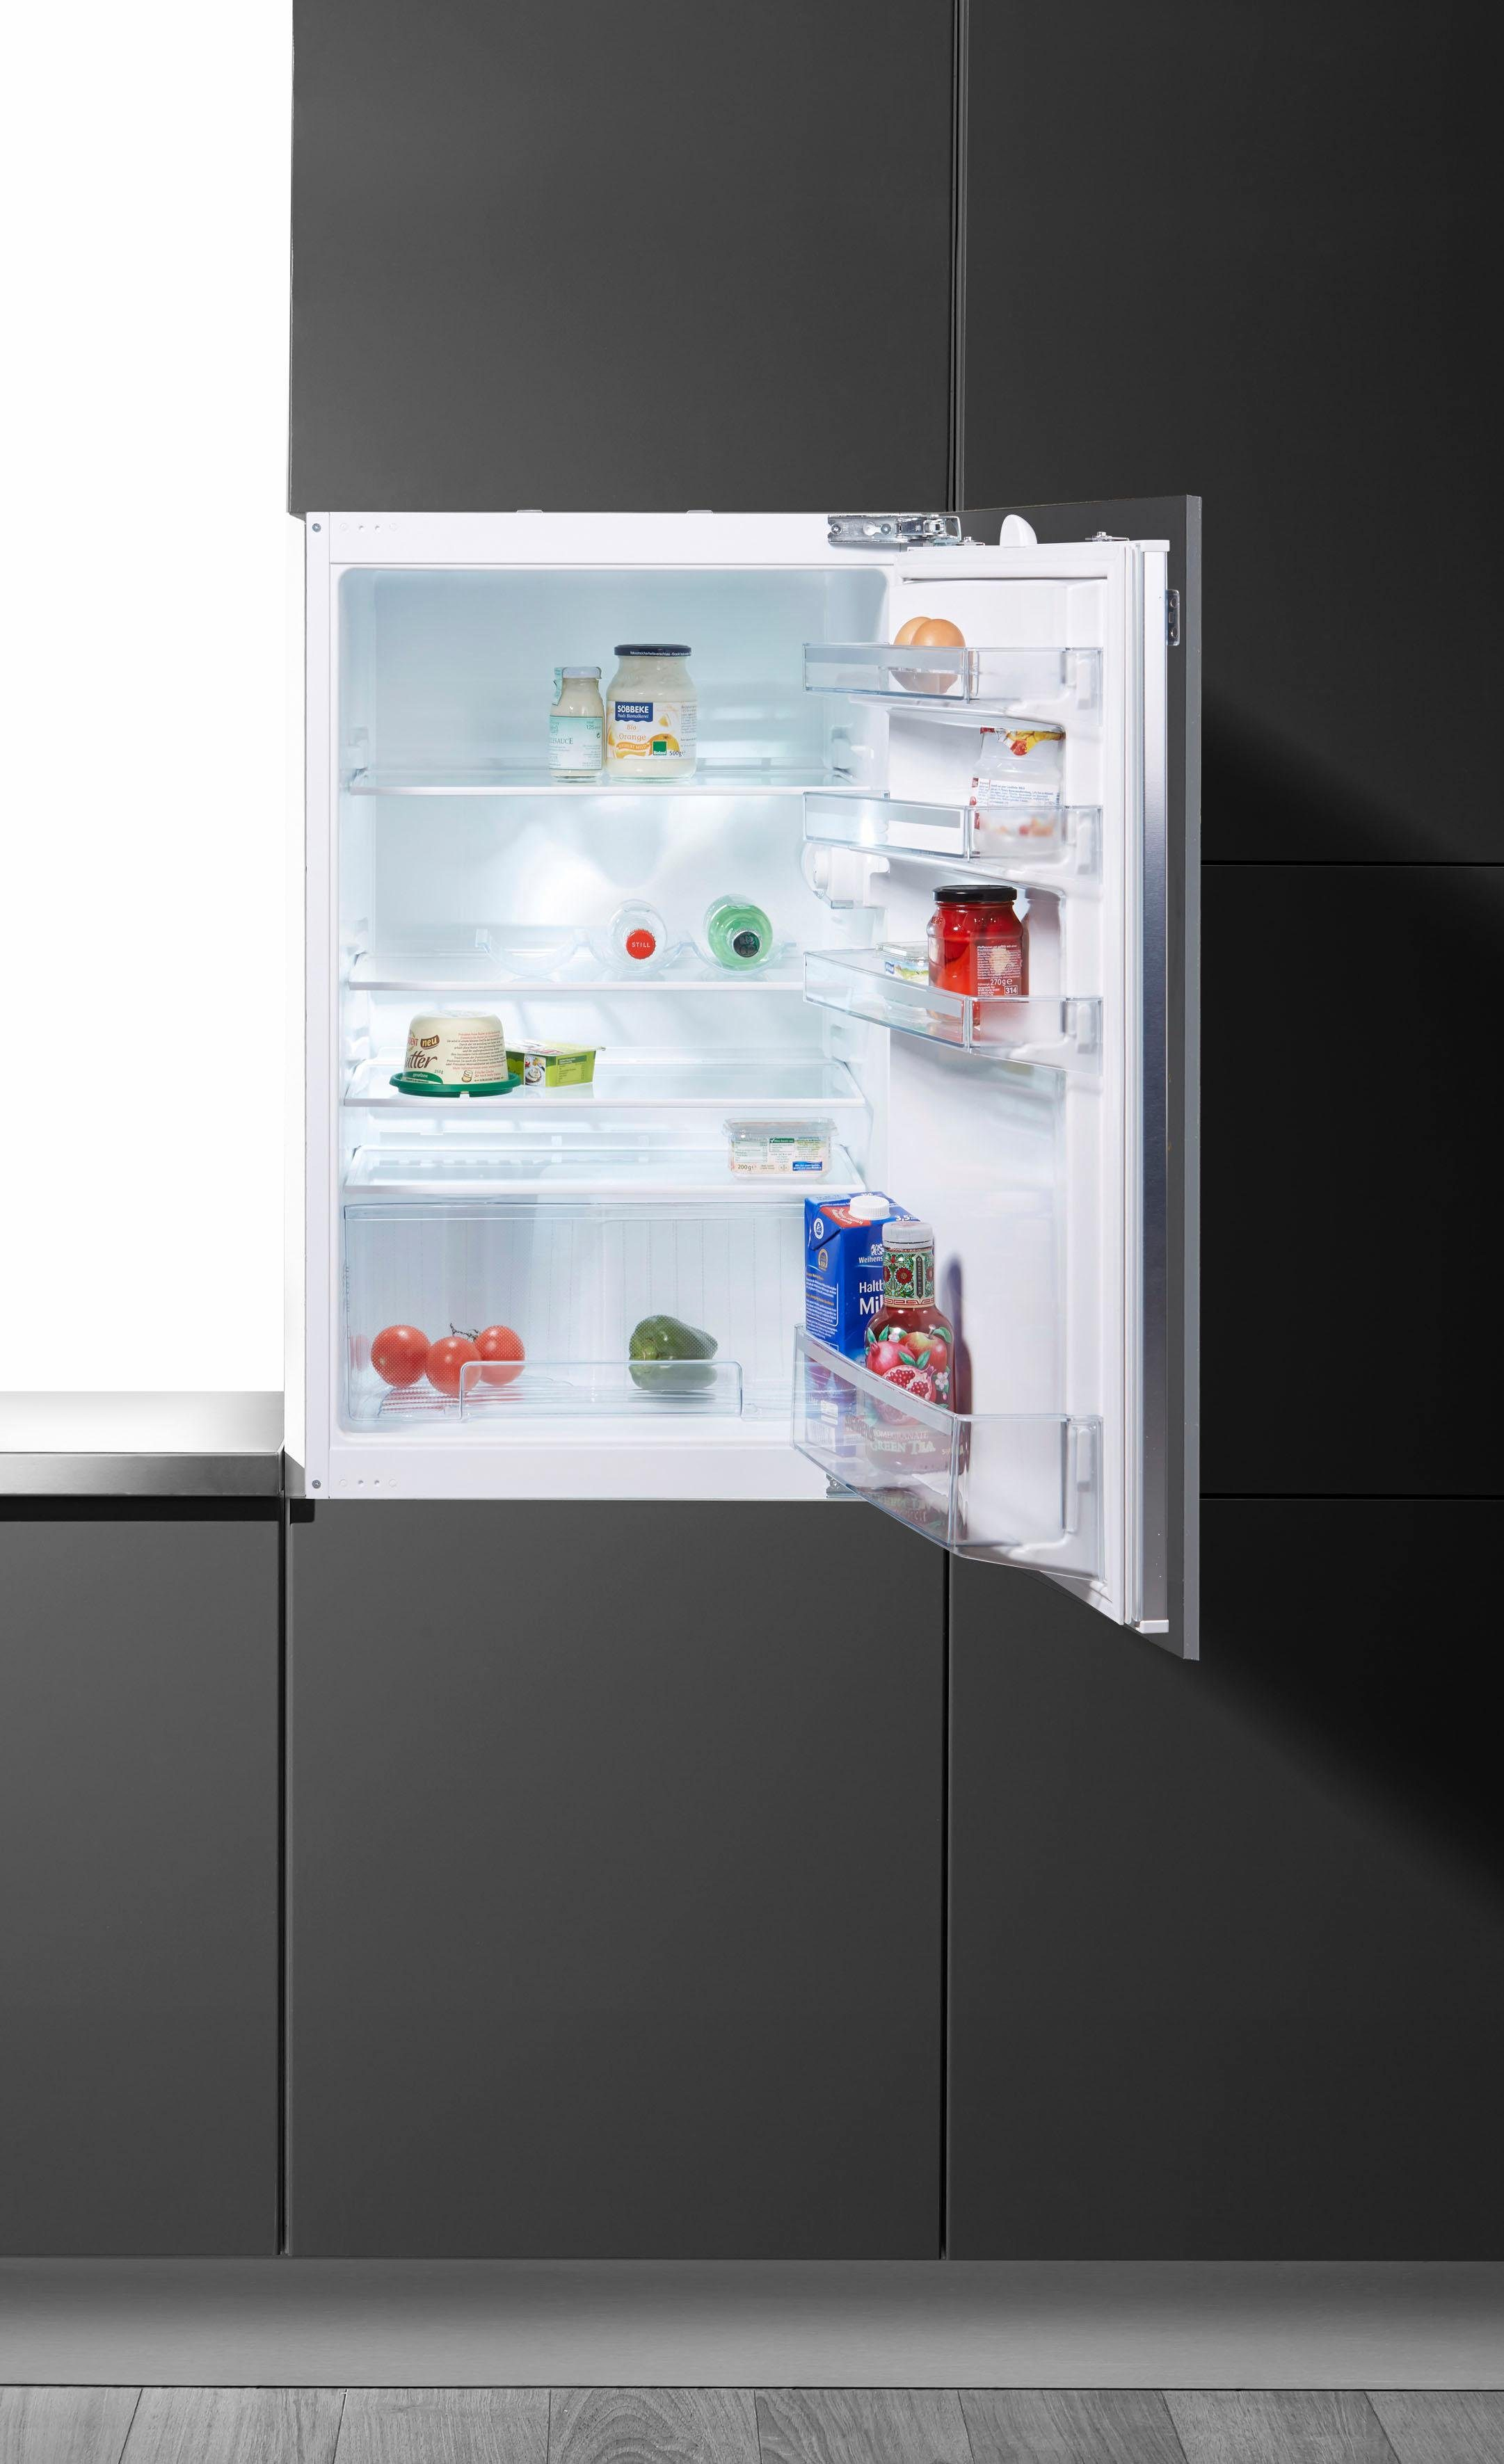 SIEMENS Einbaukühlschrank KI18RV52, 87,4 cm hoch, 54,1 cm breit, Energieklasse A+, 87,4 cm hoch